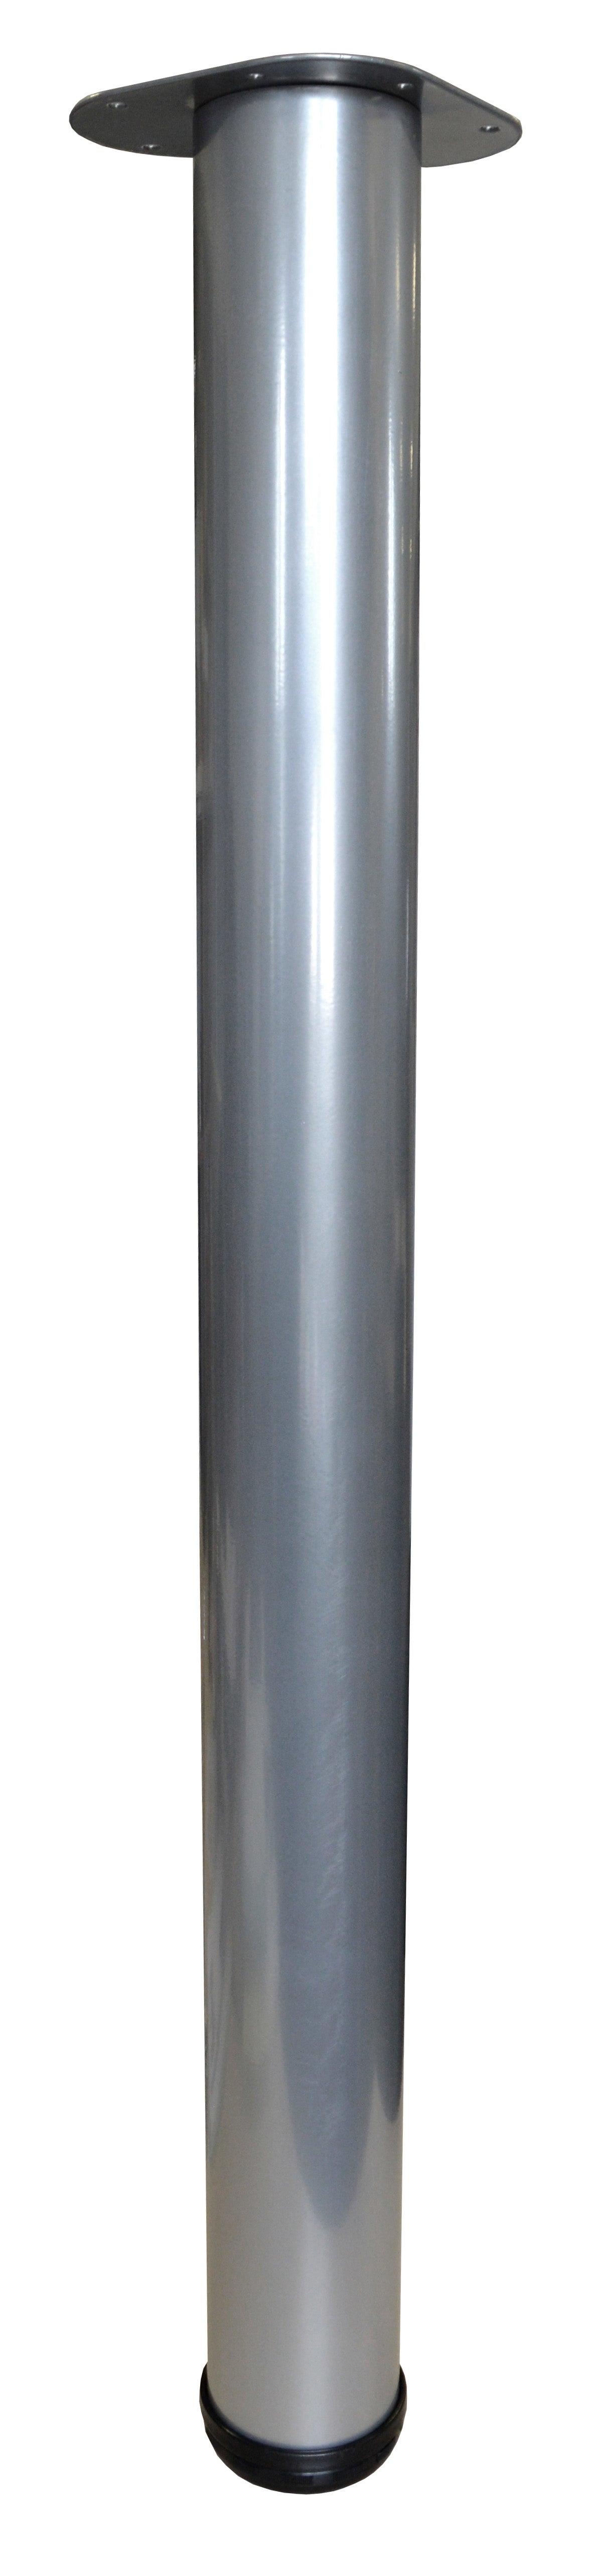 Pied Plan De Travail Cylindrique Reglable Acier Epoxy Gris De 87 A 89 Cm Leroy Merlin